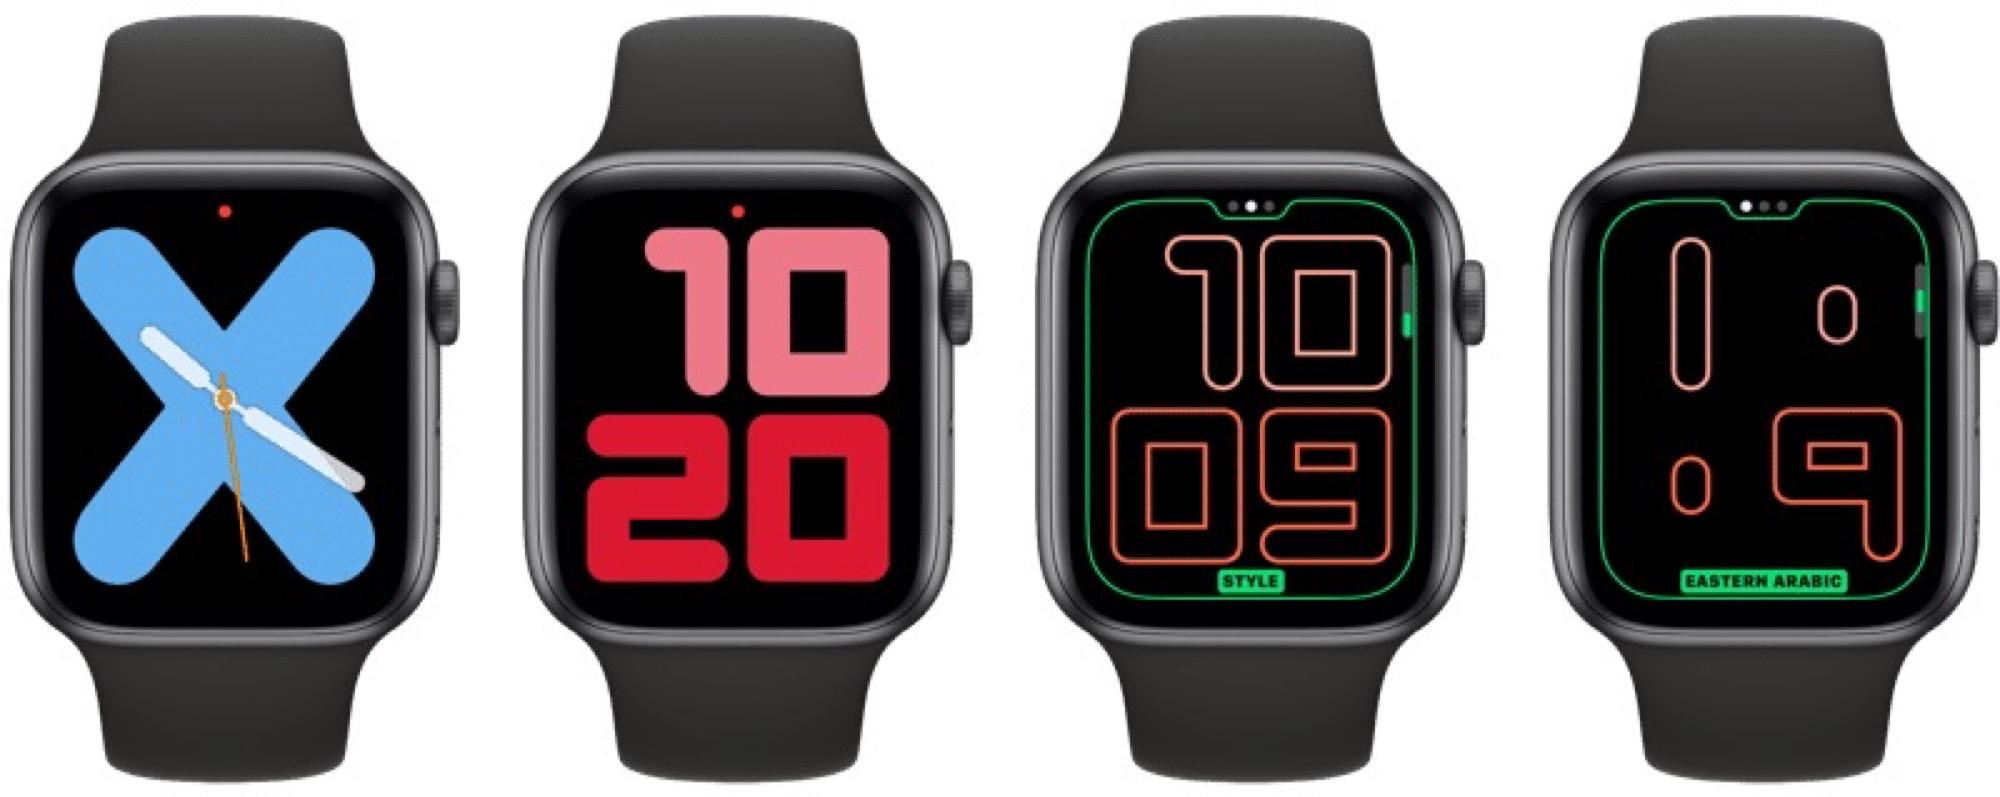 Des cadrans exclusifs aux Apple Watch récentes dans watchOS 6 6